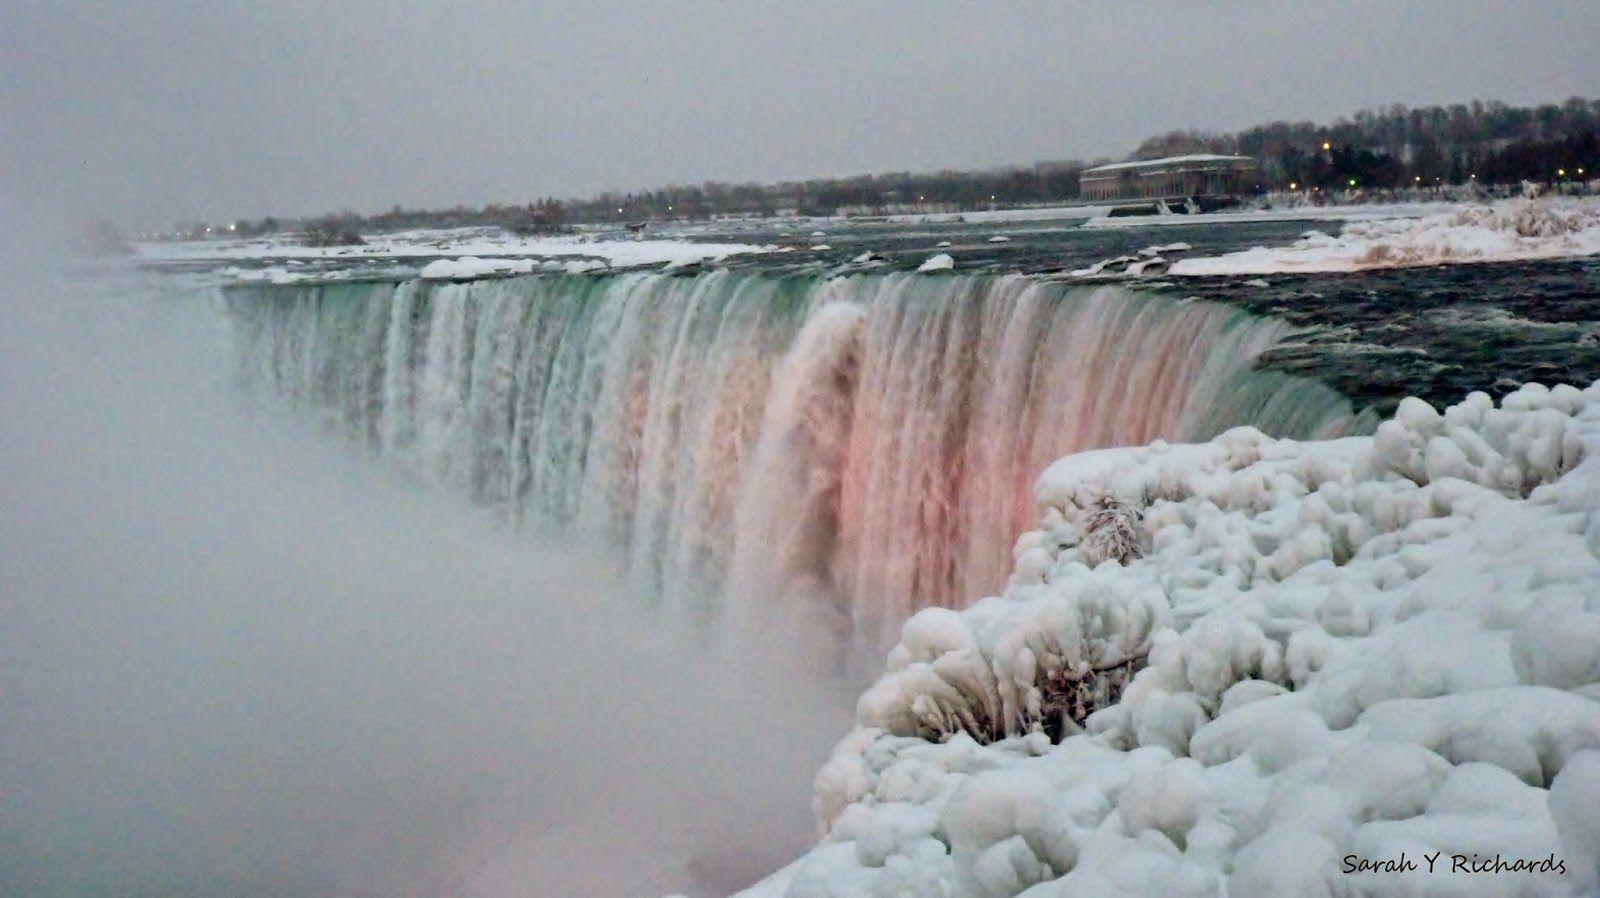 Niagarafalls In Summer And Winter Las Cataratas Del Niagara En Verano Y En Invierno Travel Viajar Ca Viajar A Canadá Cataratas Del Niagara Cataratas